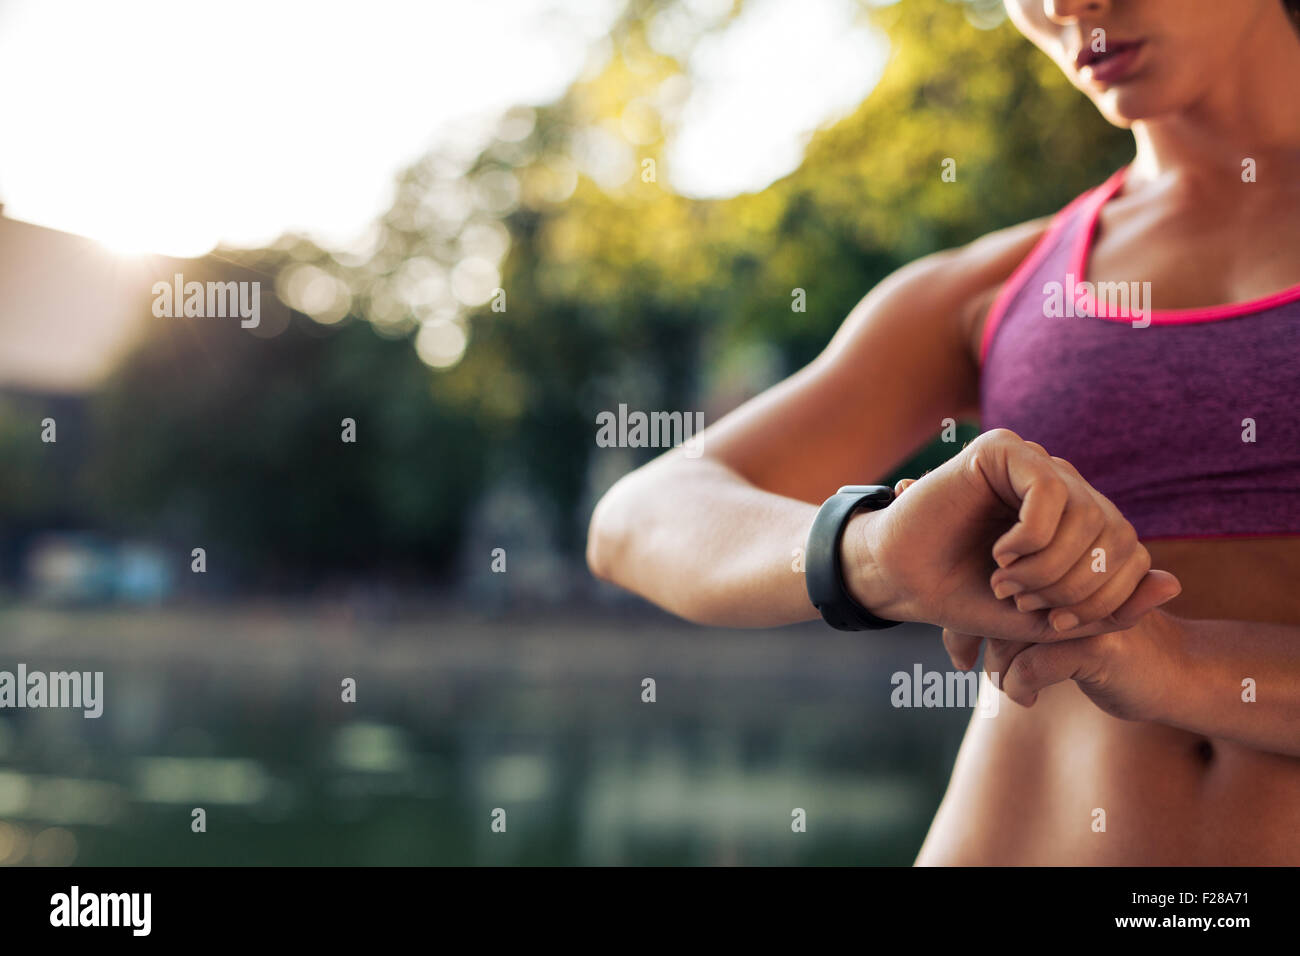 Mujer configurar el fitness reloj inteligente para correr. Comprobación Sportswoman Ver dispositivo. Imagen De Stock